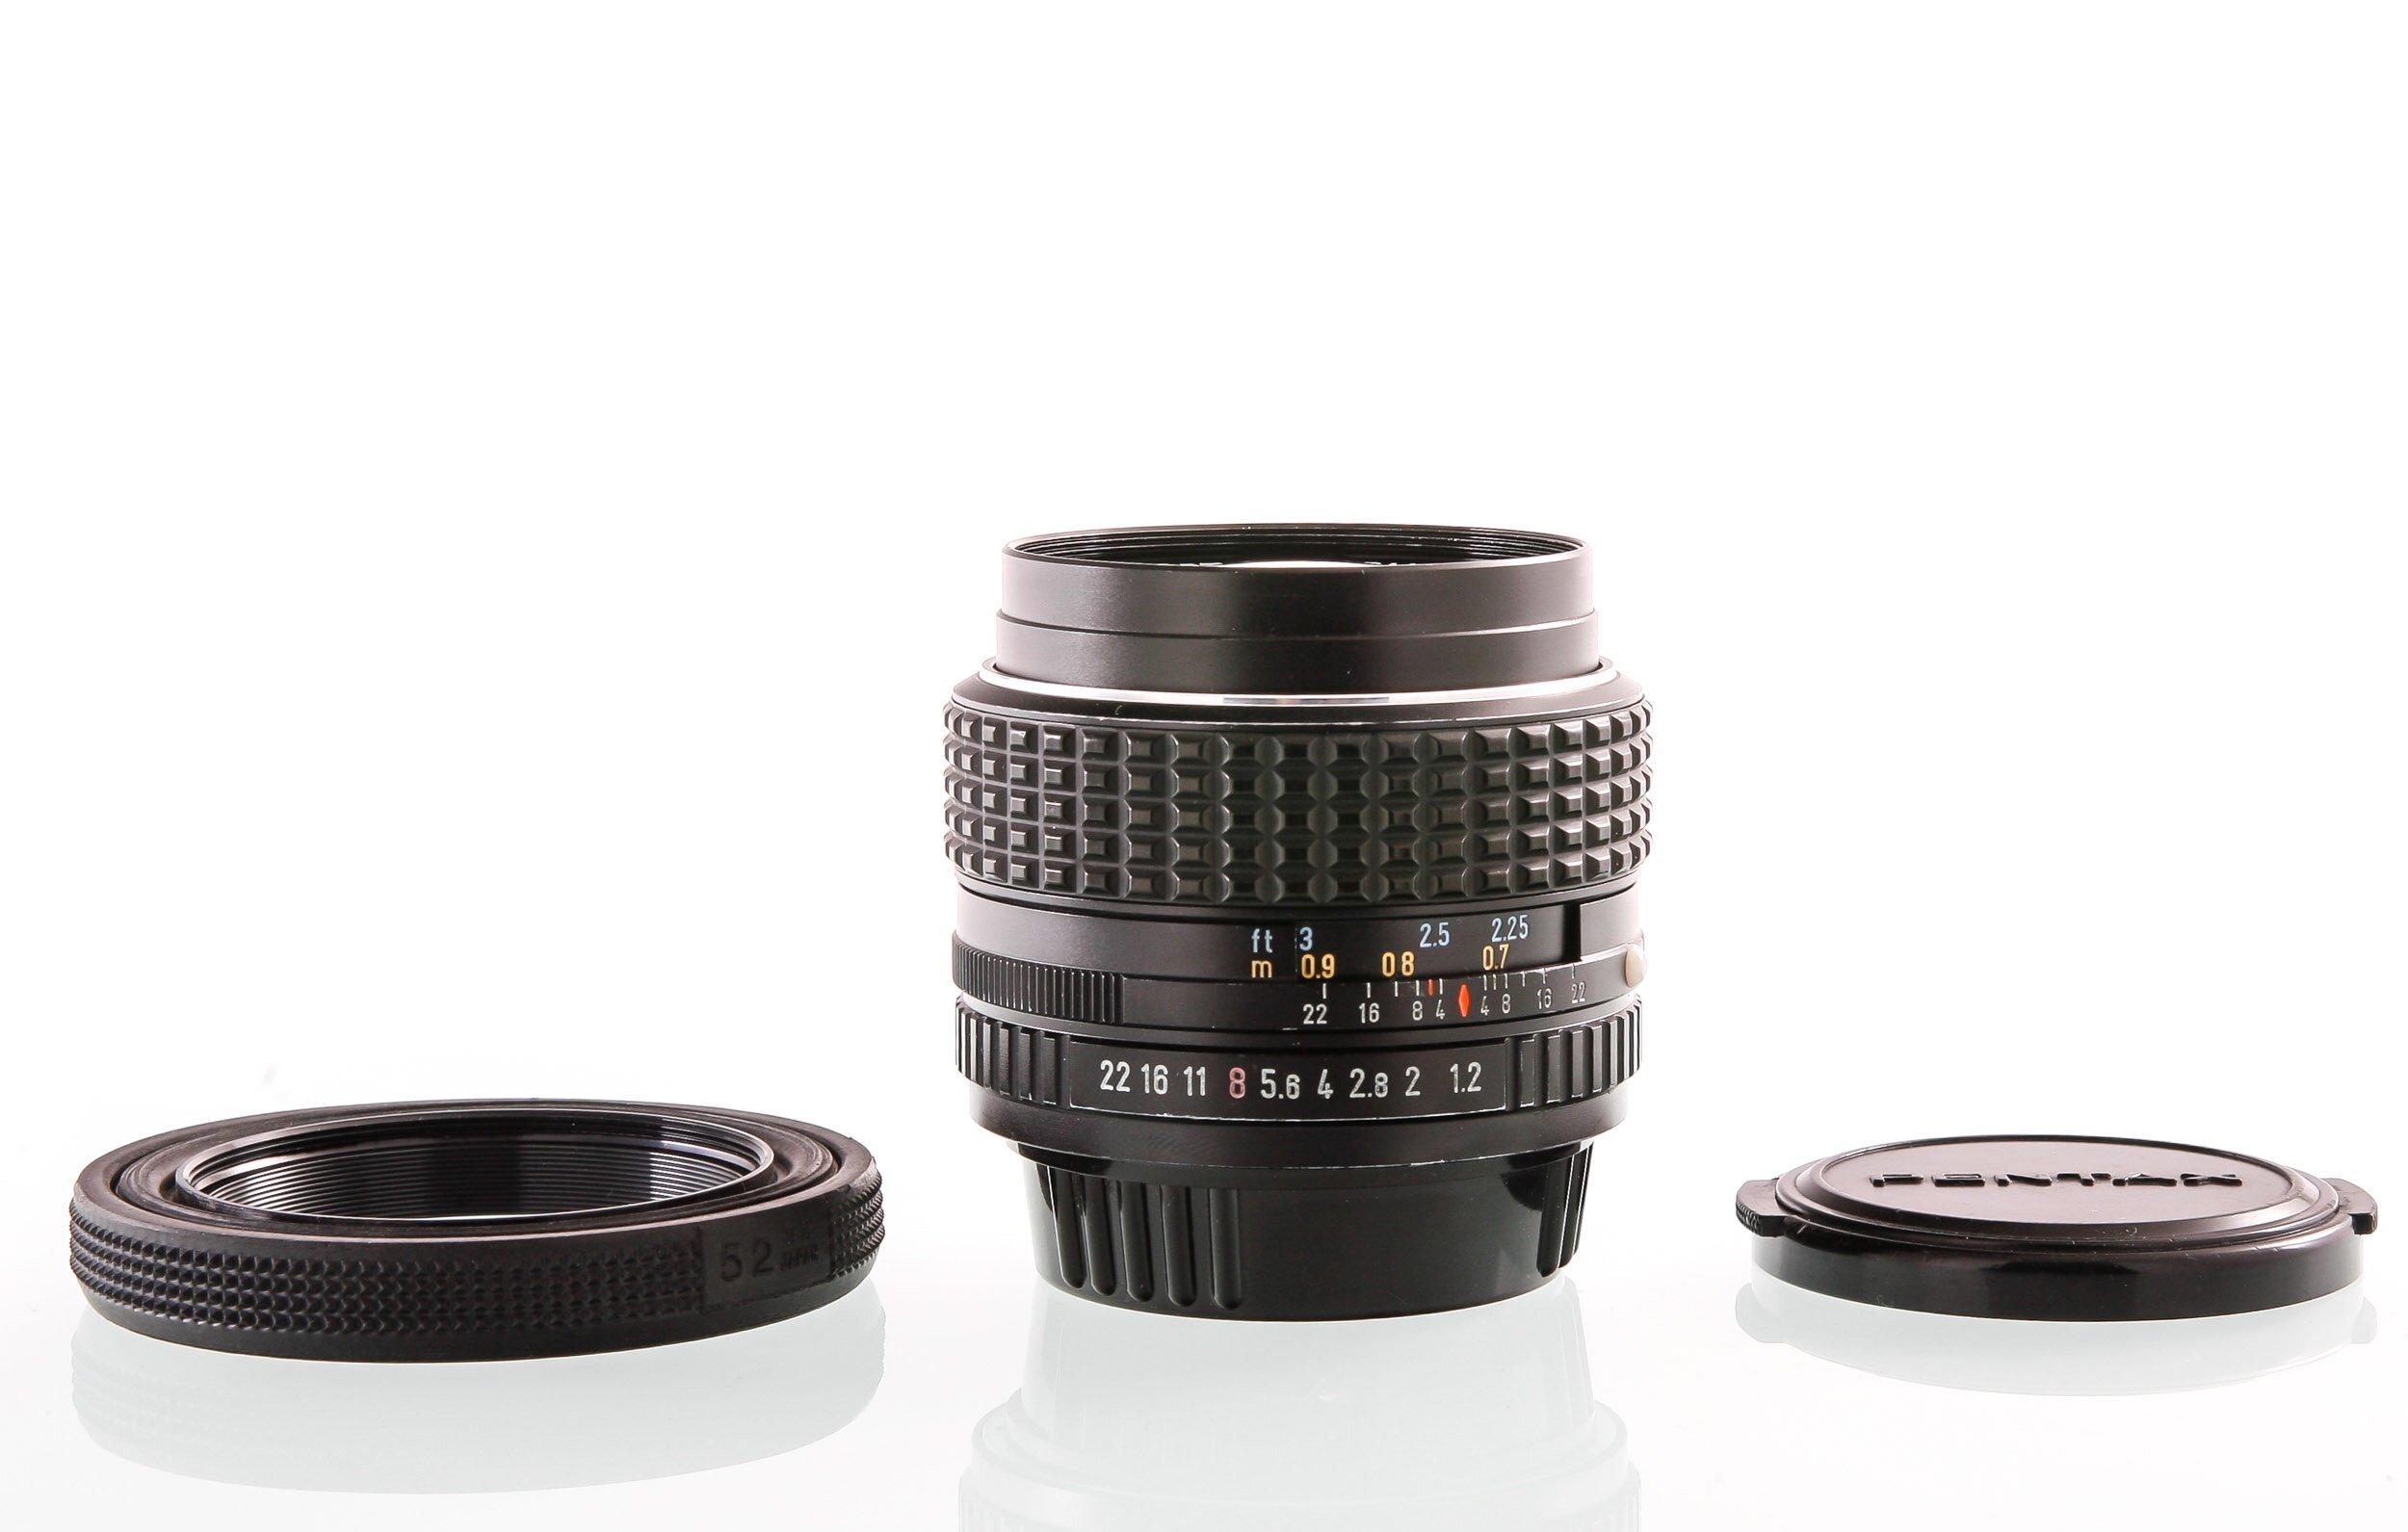 Pentax 50mm F1.2 SMC